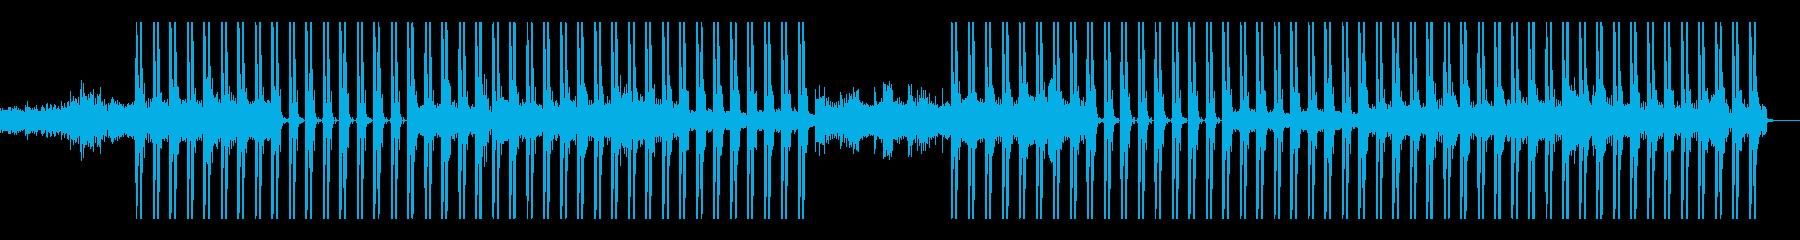 ディープ、ドープ、重い、低音、ハードの再生済みの波形